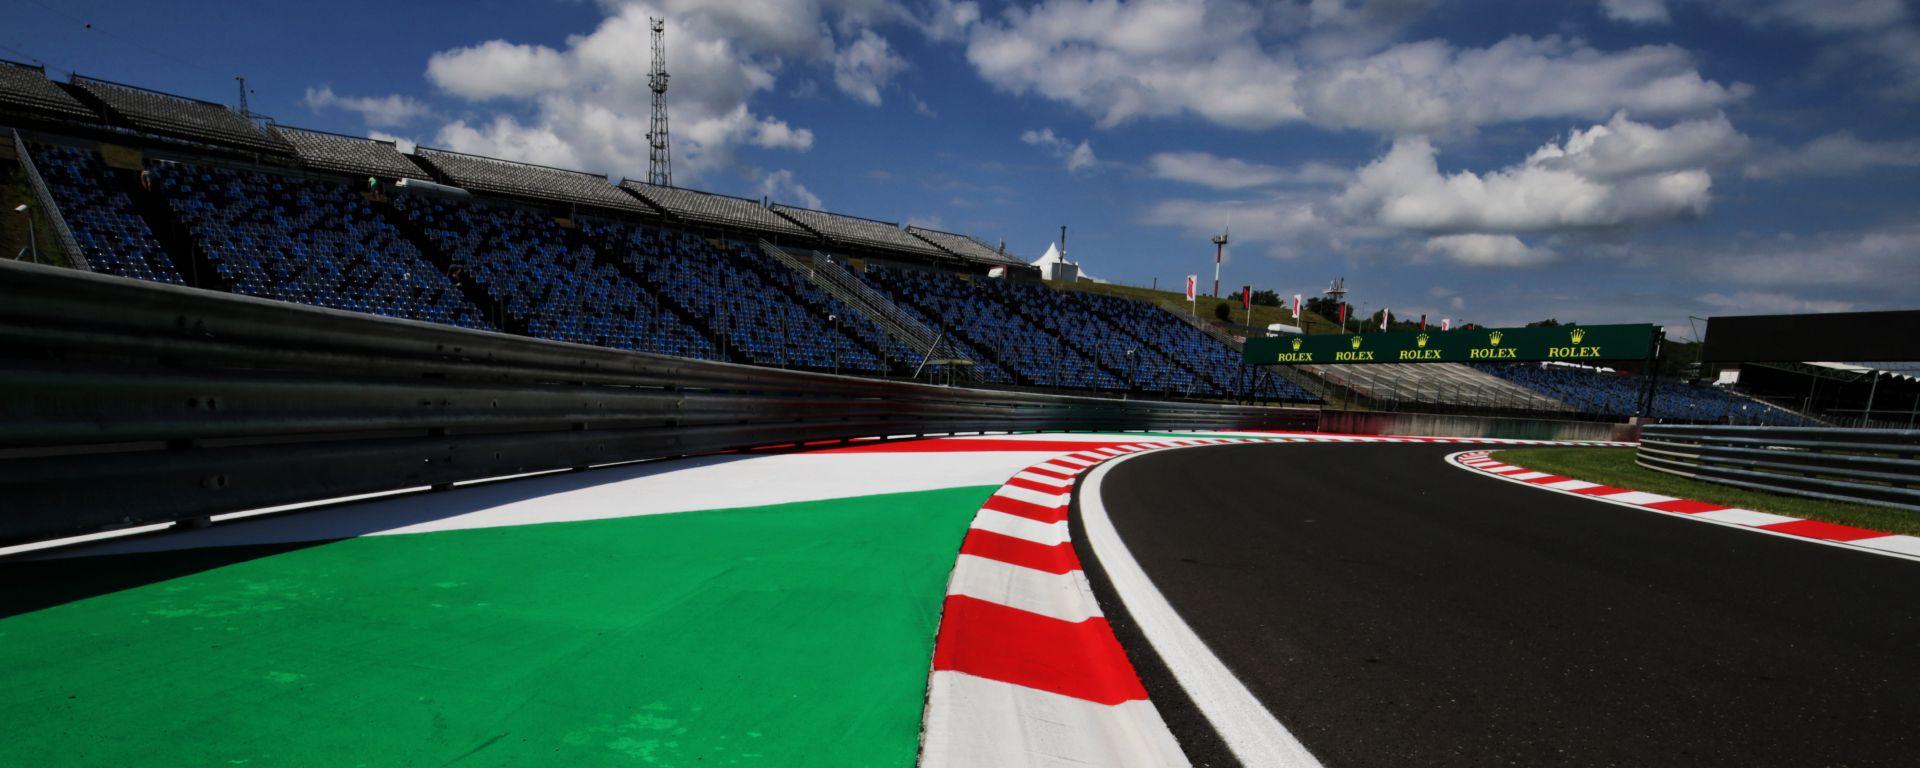 F1: particolare dell'Hungaroring, circuito sede del GP Ungheria